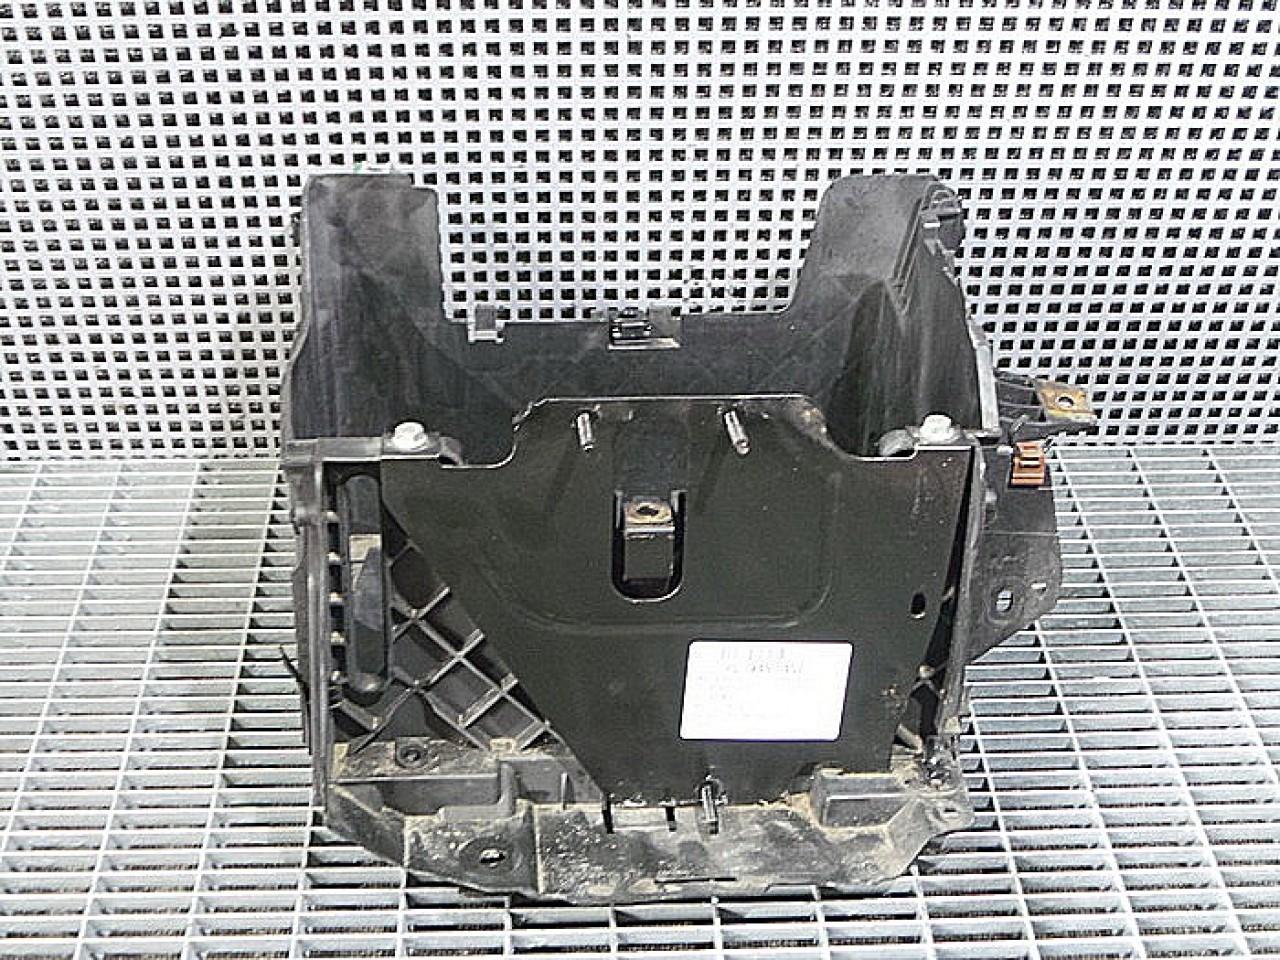 SUPORT RENAULT MEGANE III Schrägheck (BZ0_) 1.6 16V benzina (2008 - 11-2019-01)